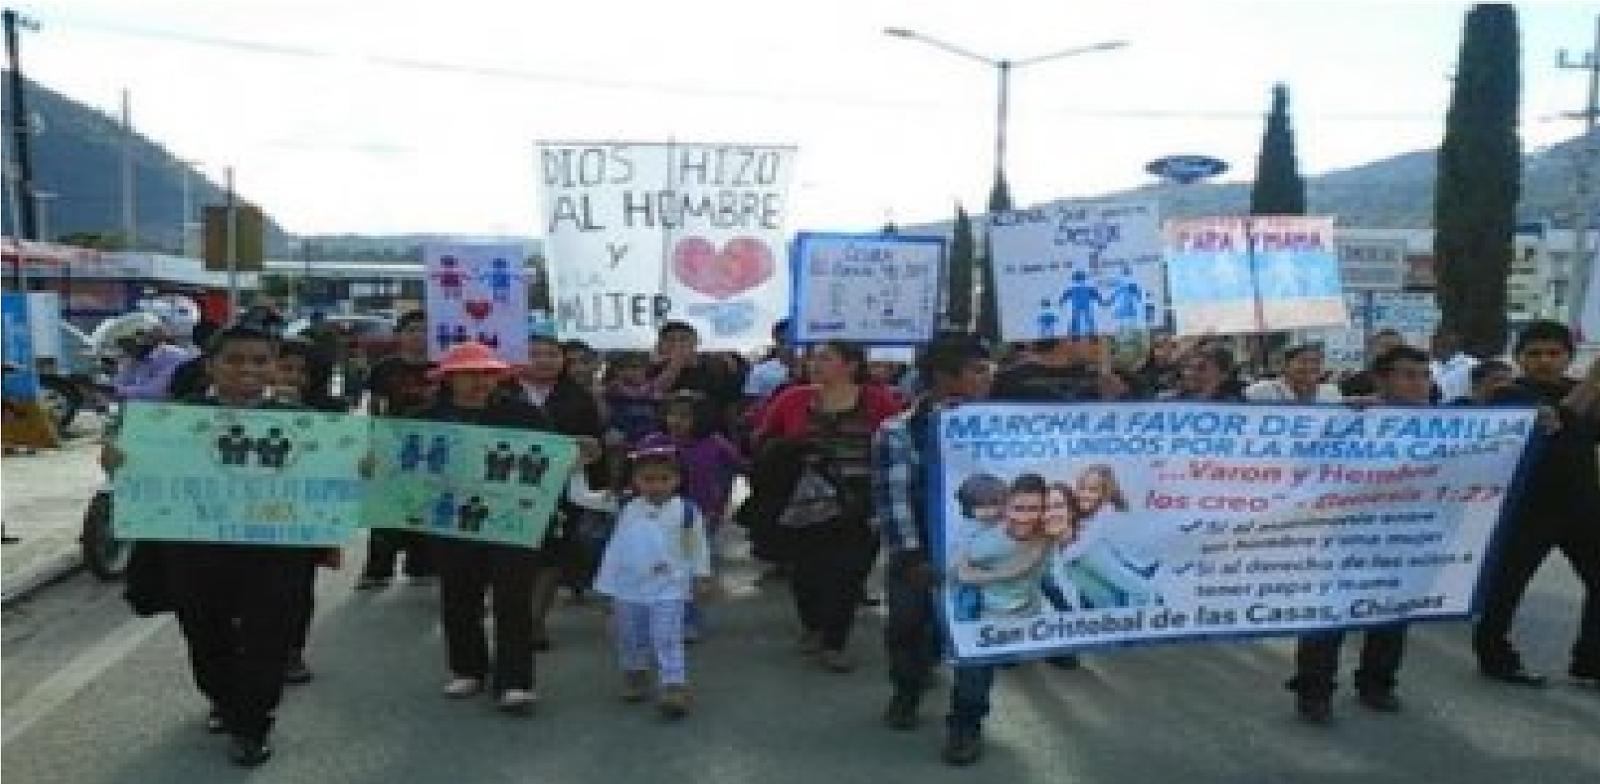 Más De Mil Evangélicos Marchan En Chiapas Contra Matrimonio Gay